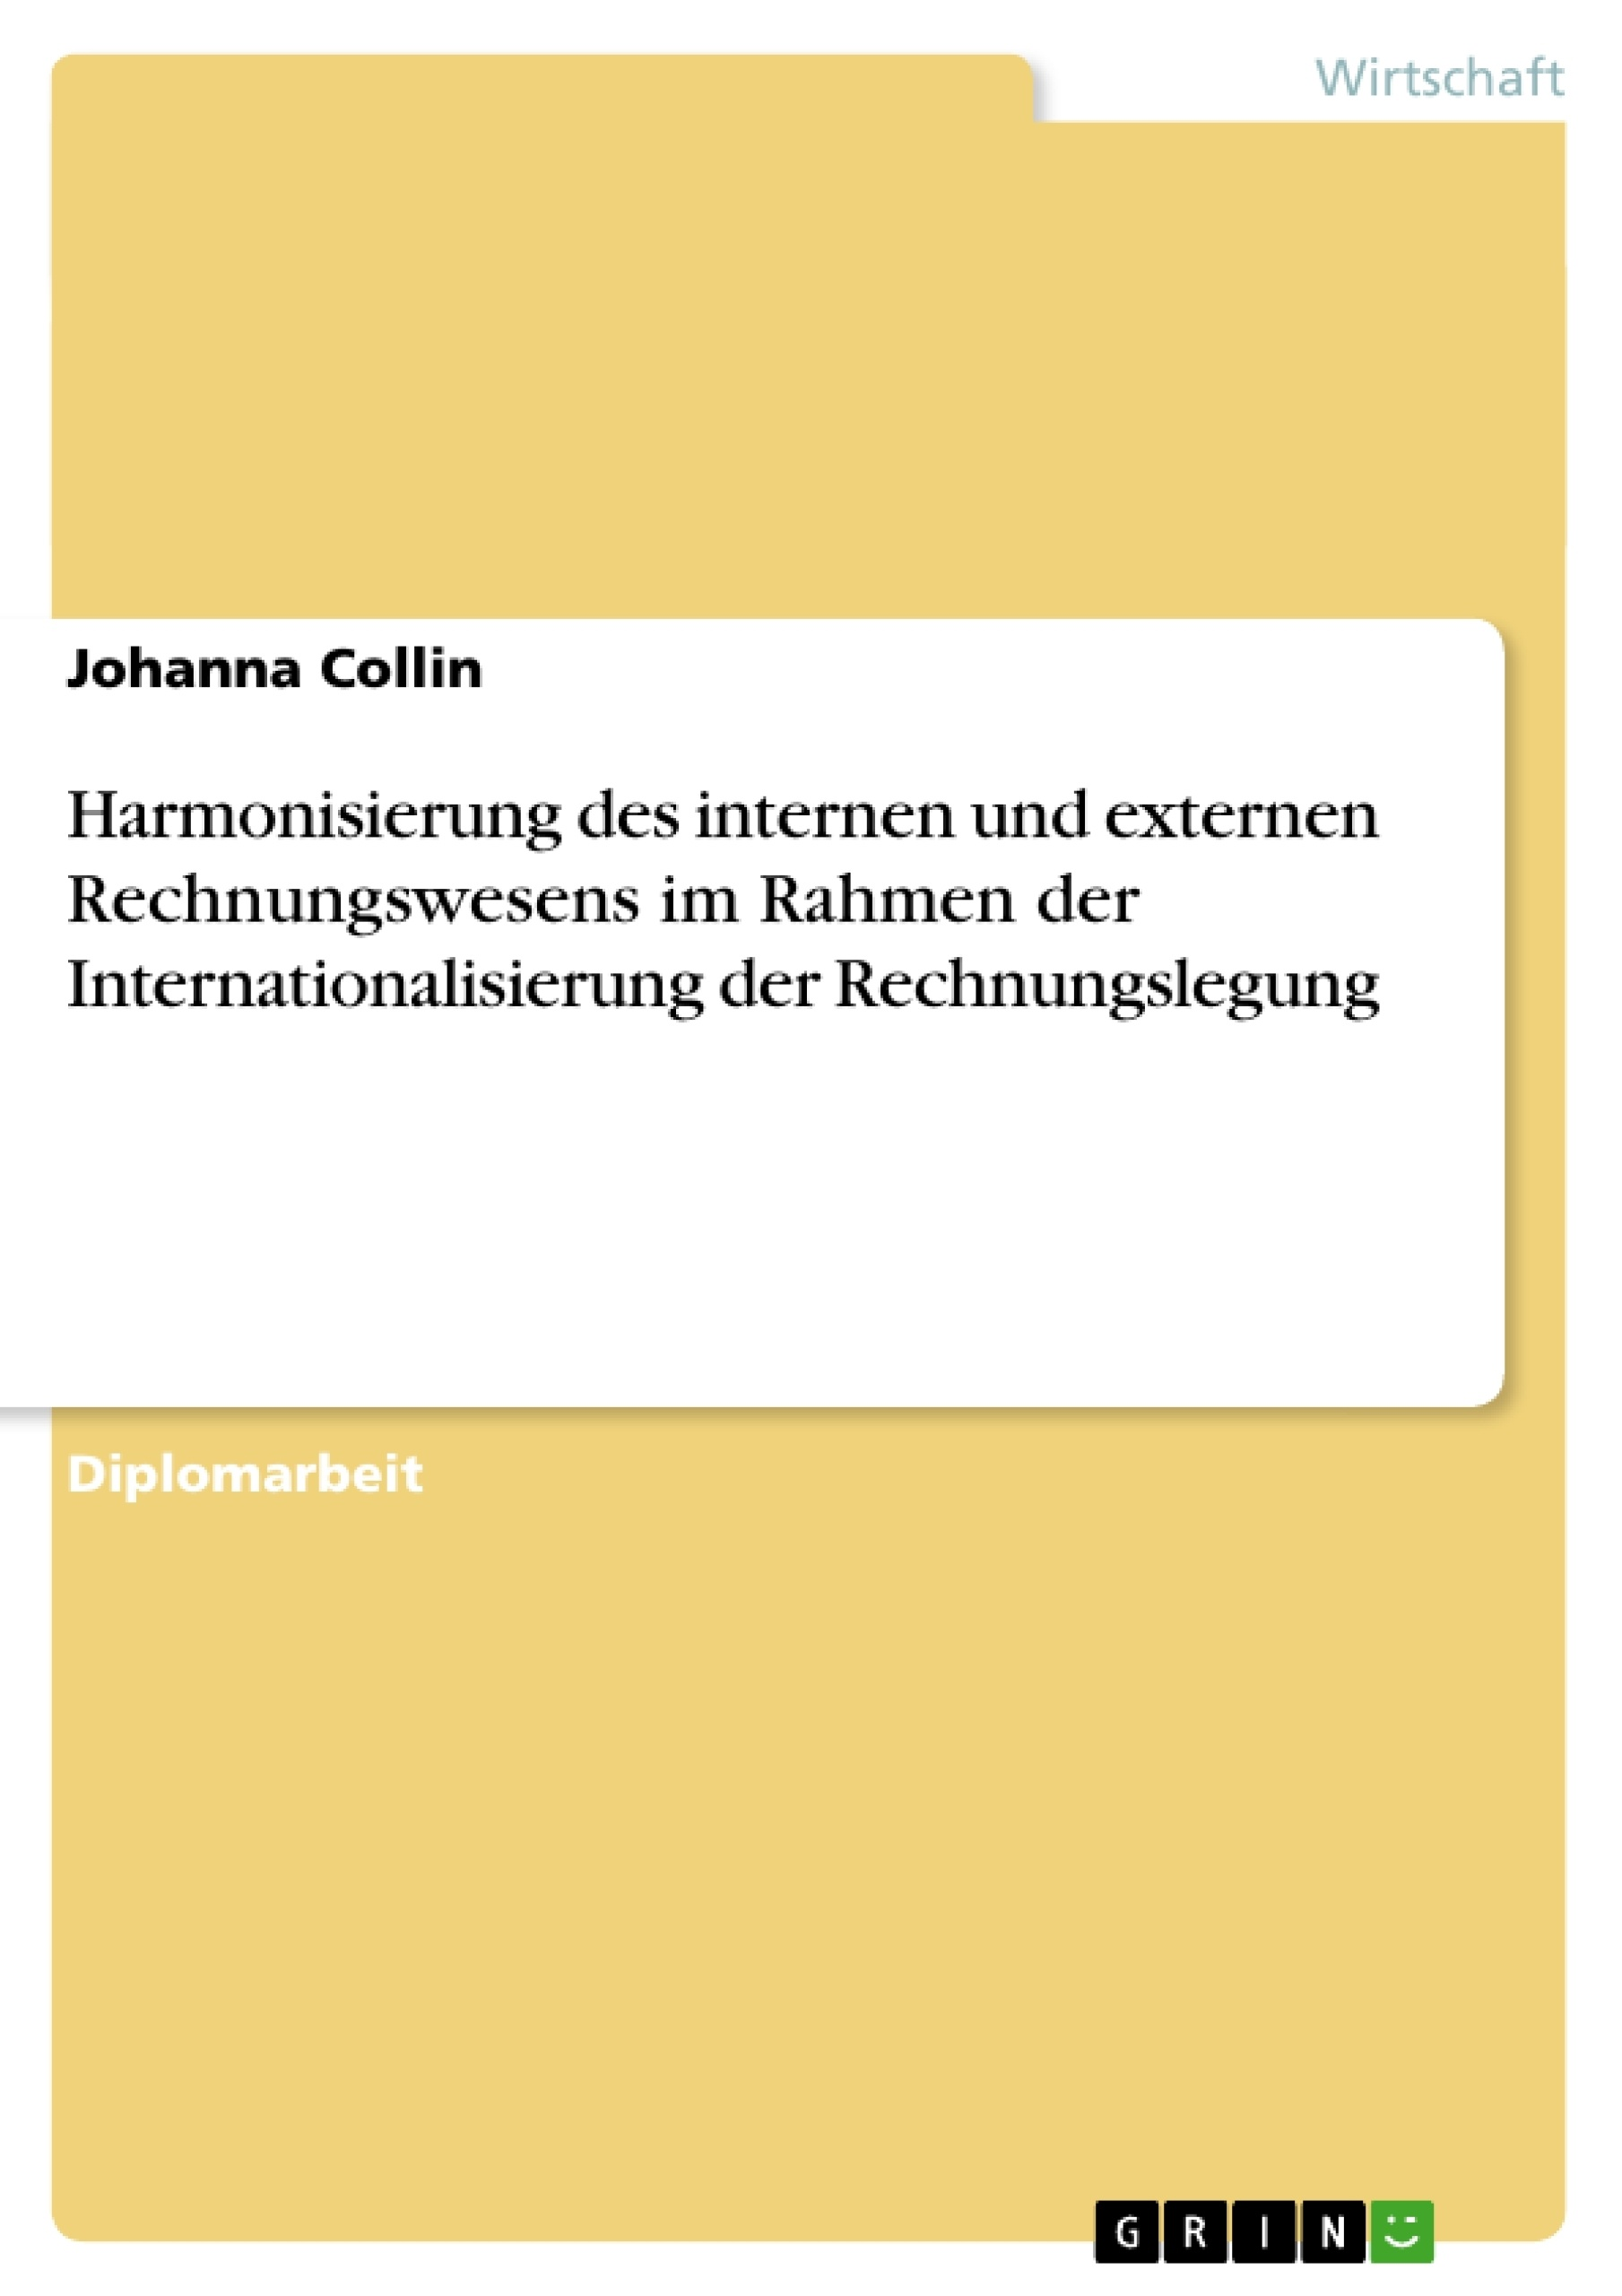 Titel: Harmonisierung des internen und externen Rechnungswesens im Rahmen der Internationalisierung der Rechnungslegung